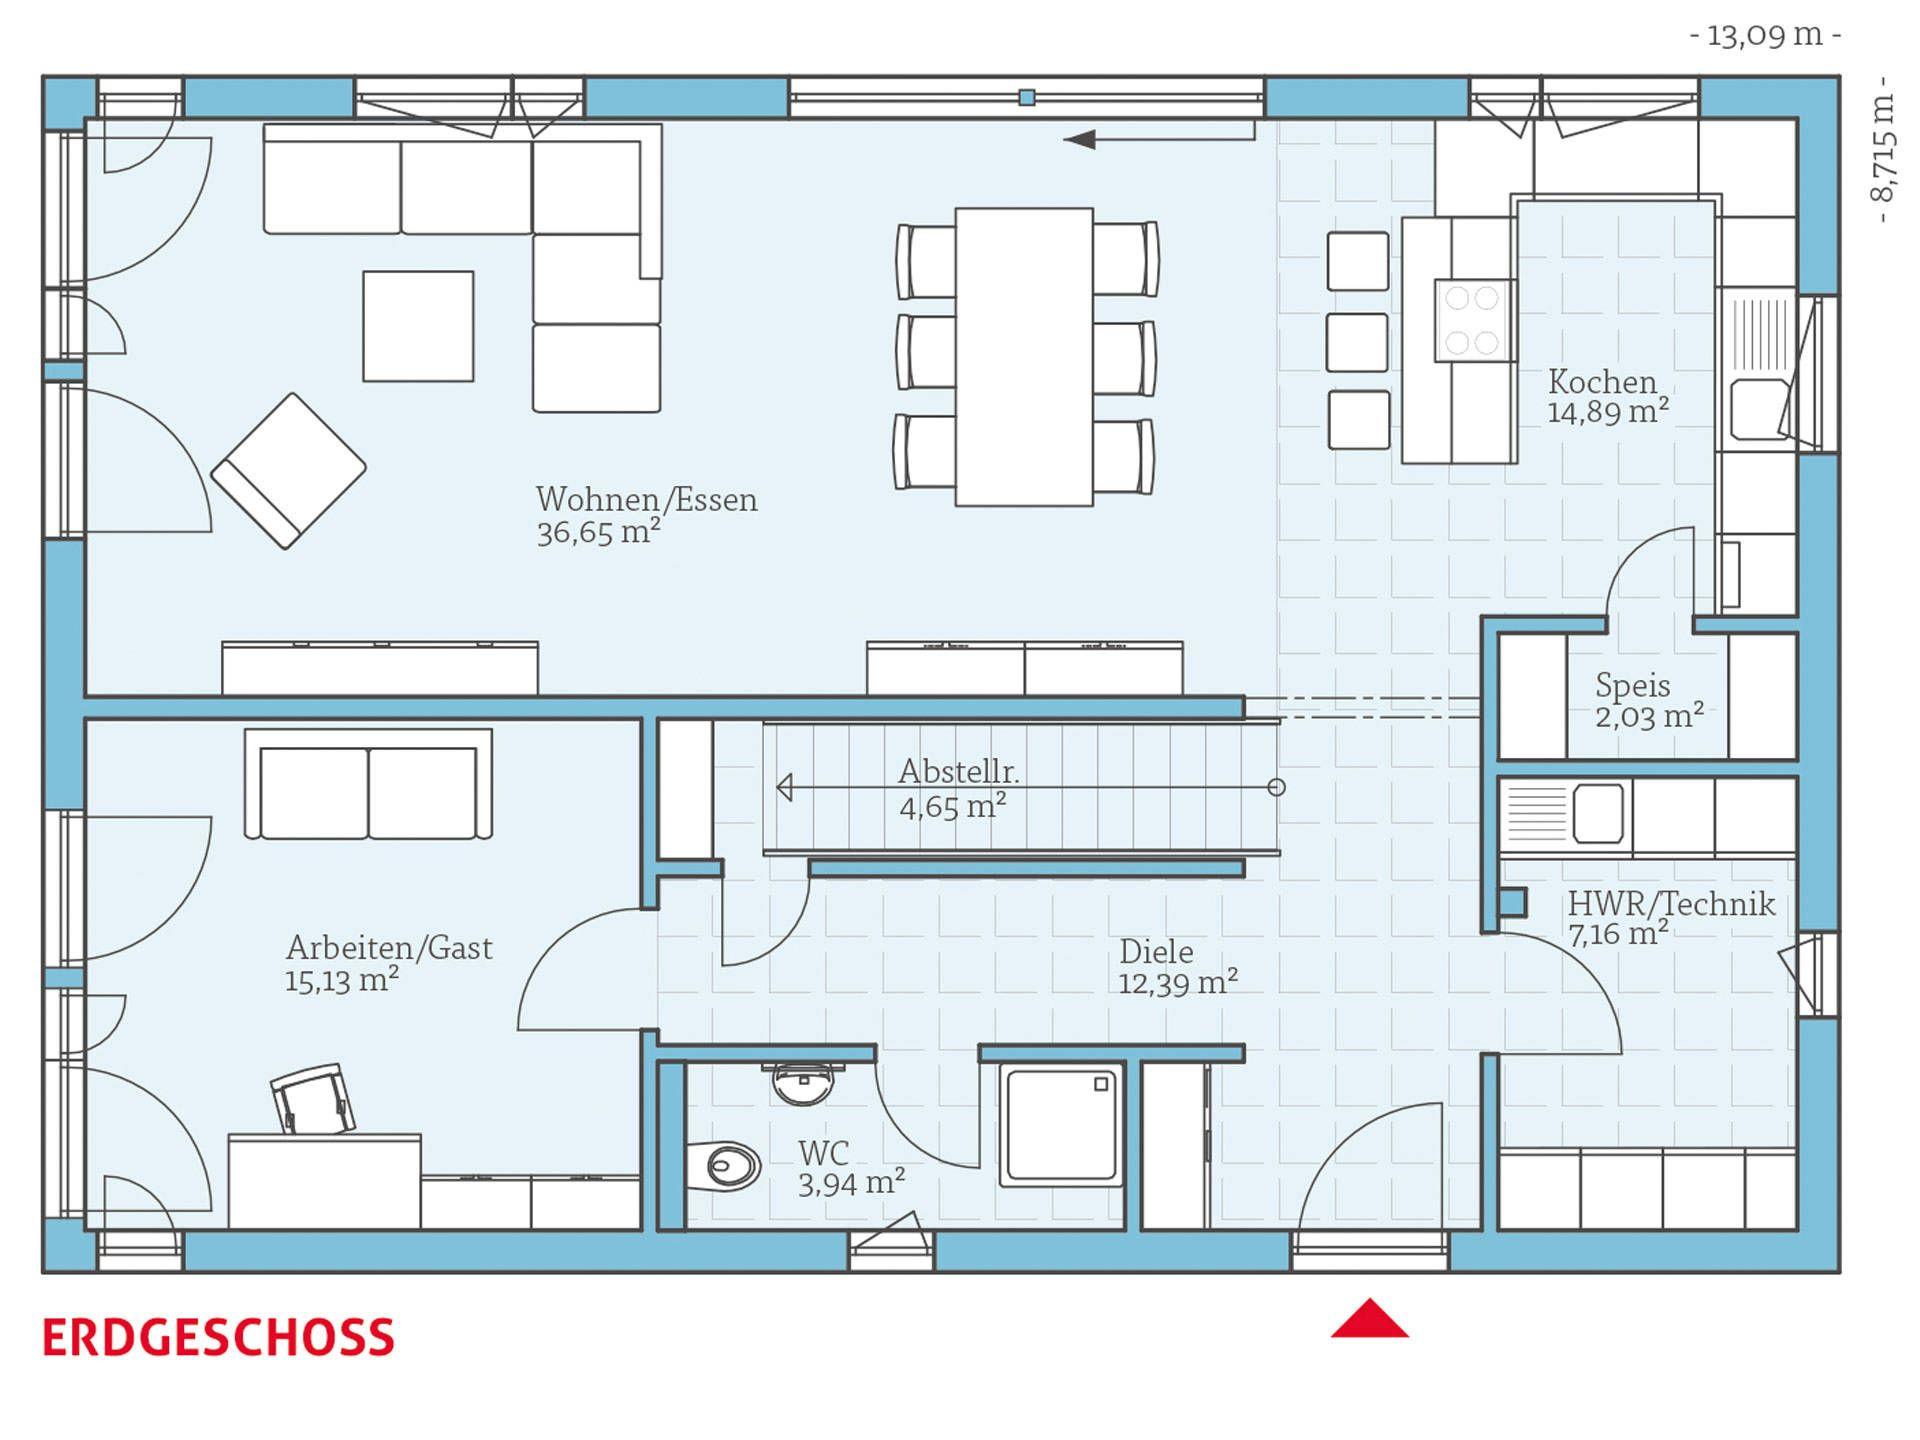 Hausbeispiele grundrisse  Hanse Haus Variant 25-192 Grundriss EG | Hausbau | Pinterest ...